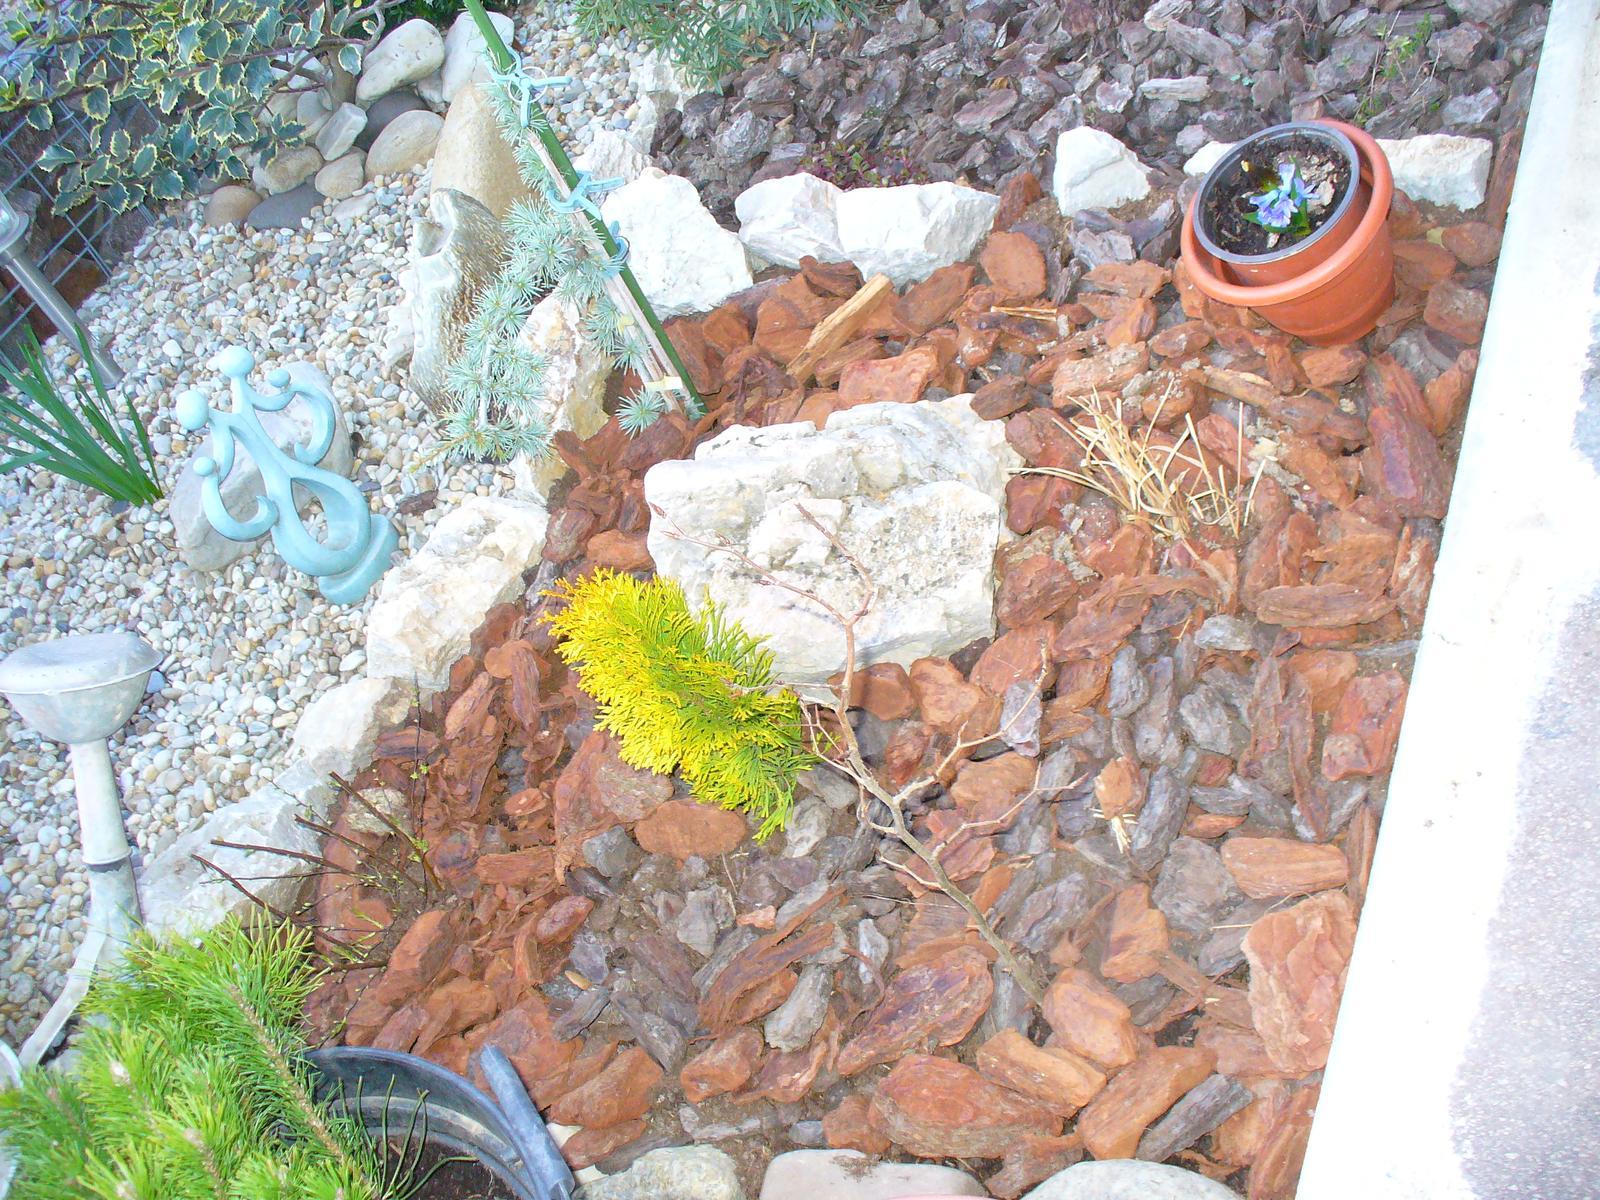 Prerábka, sadenie a úpravy v našej mini záhradke. - vpredu zasadená Buk lesný